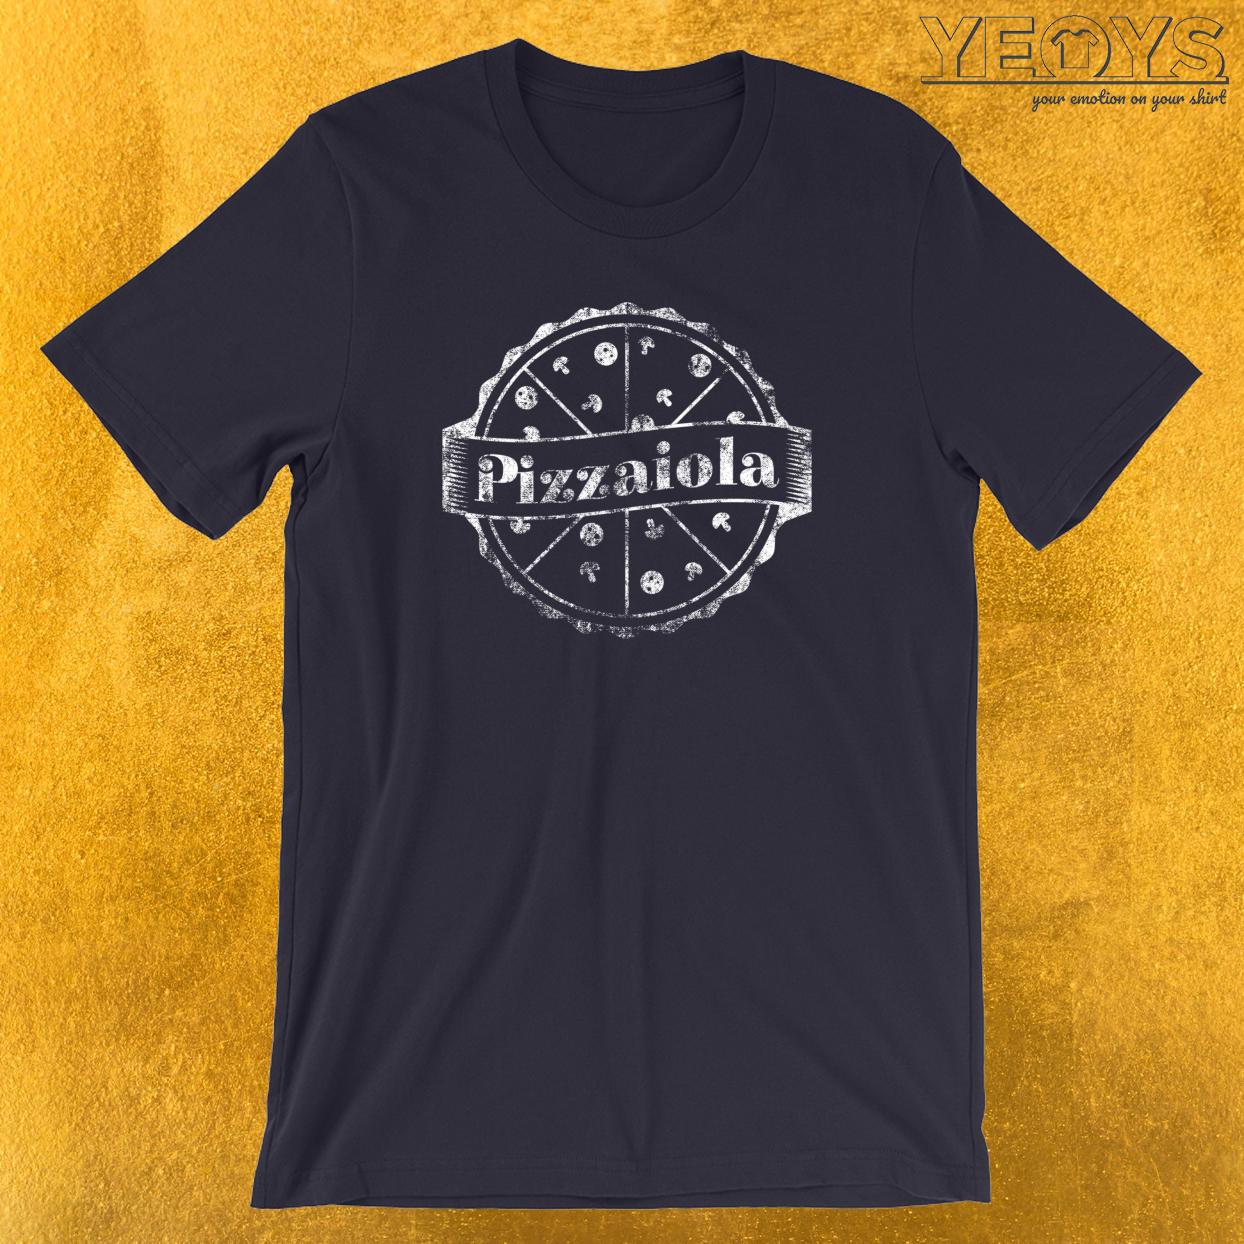 Pizzaiola T-Shirt